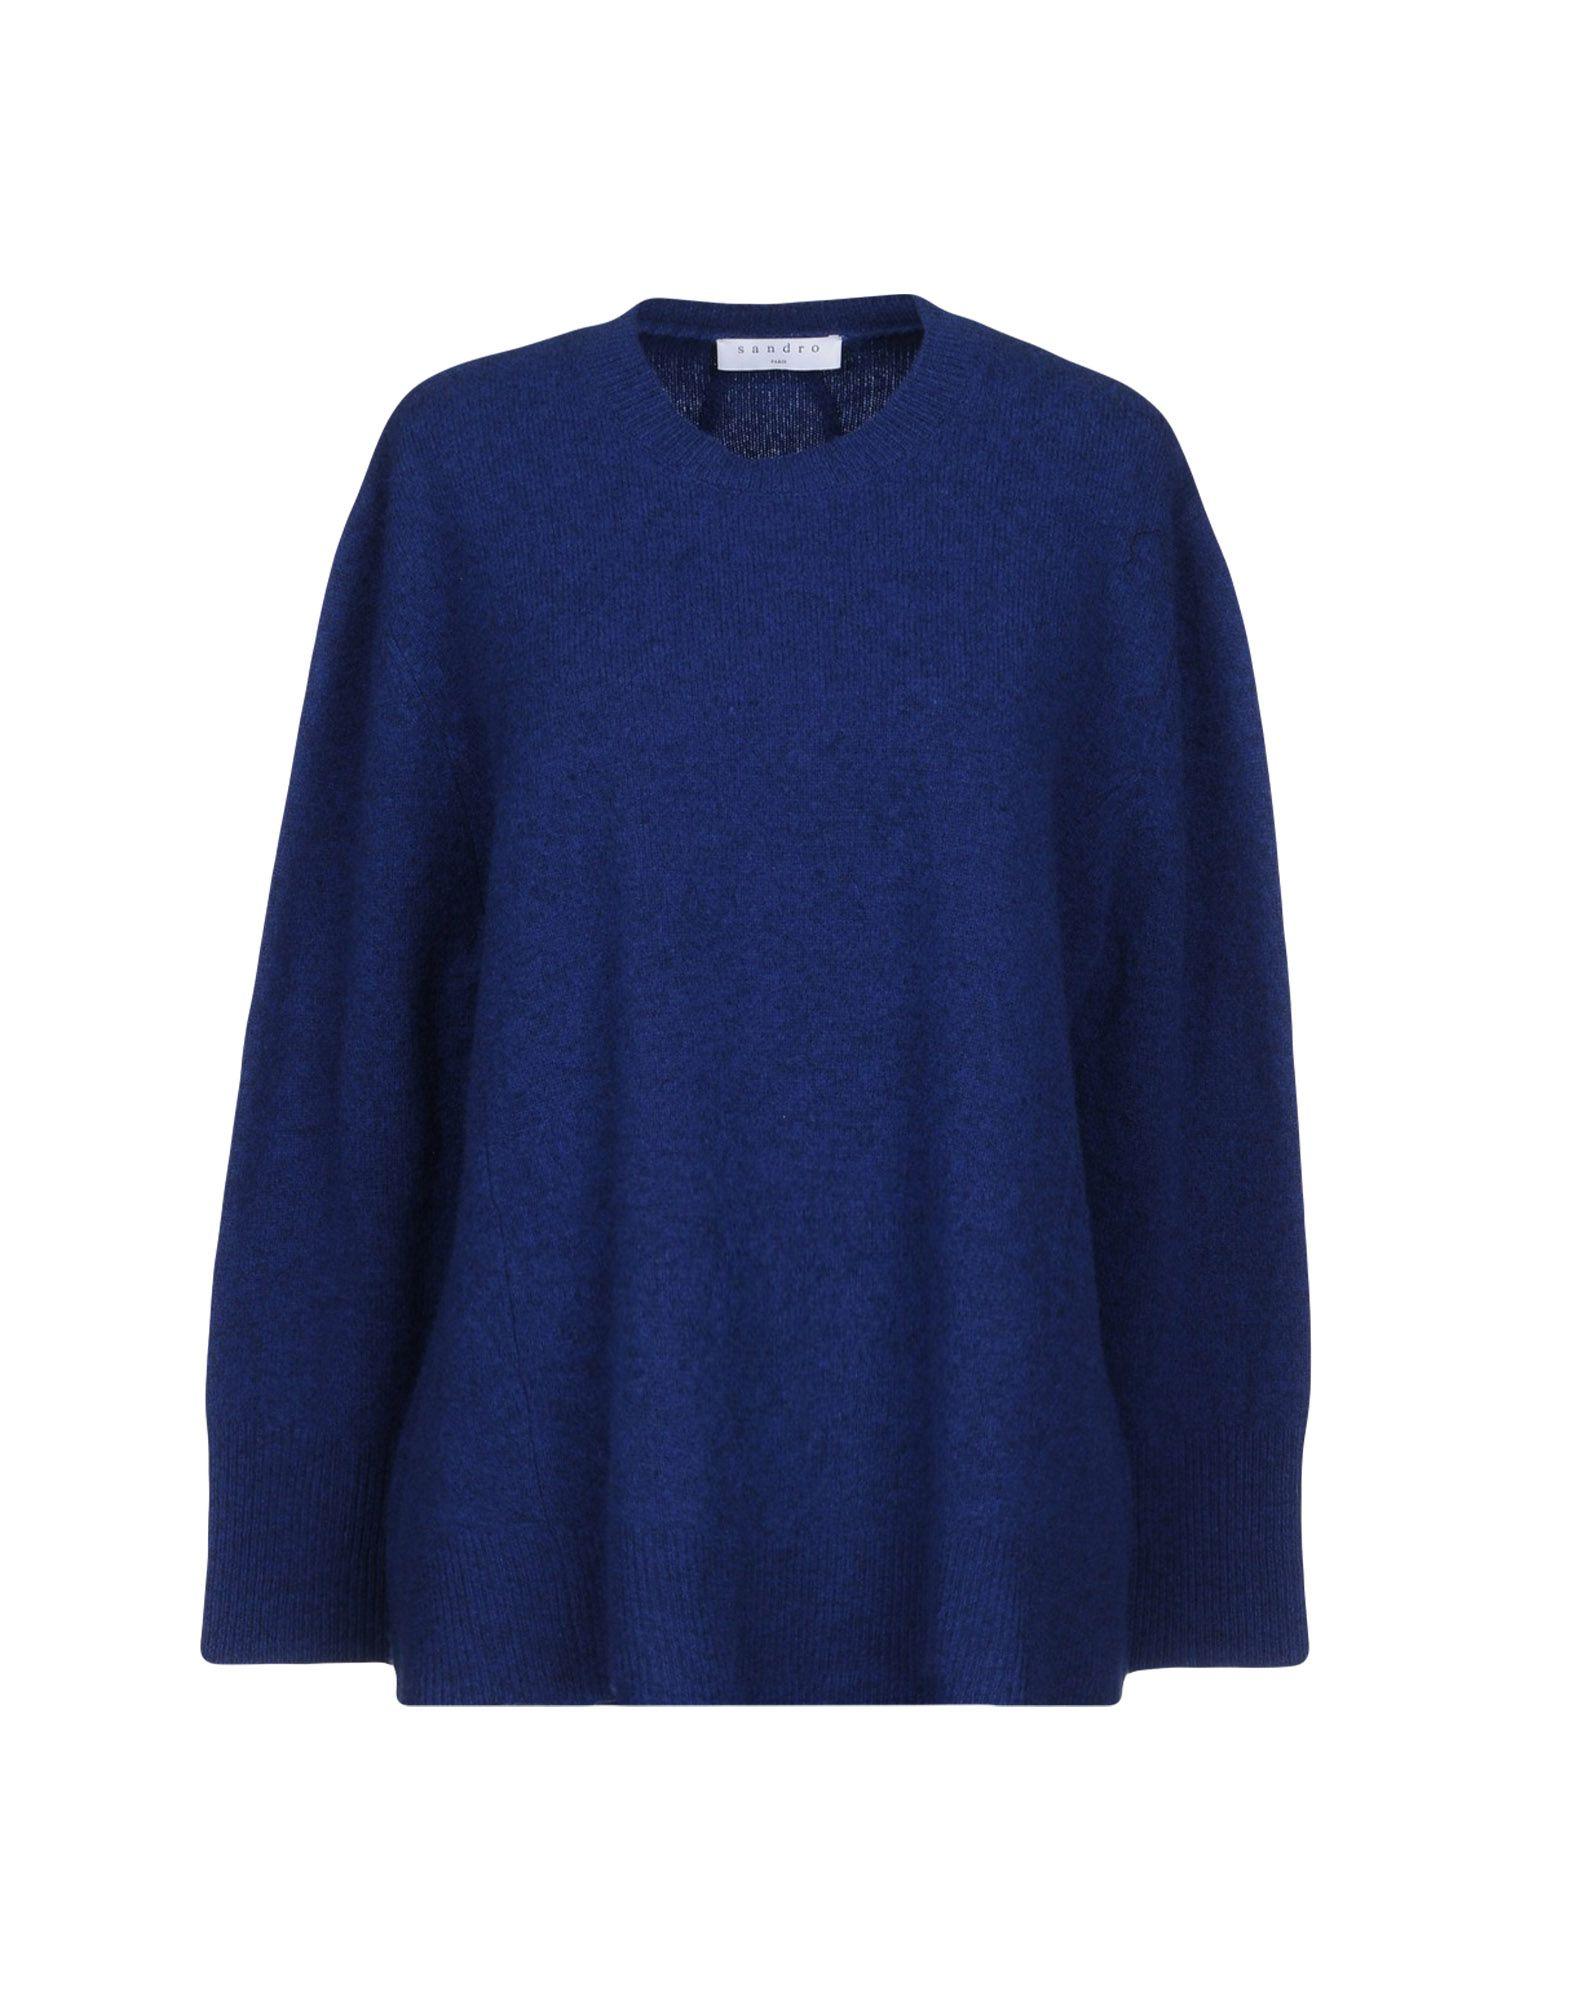 SANDRO PARIS Sweater in Blue